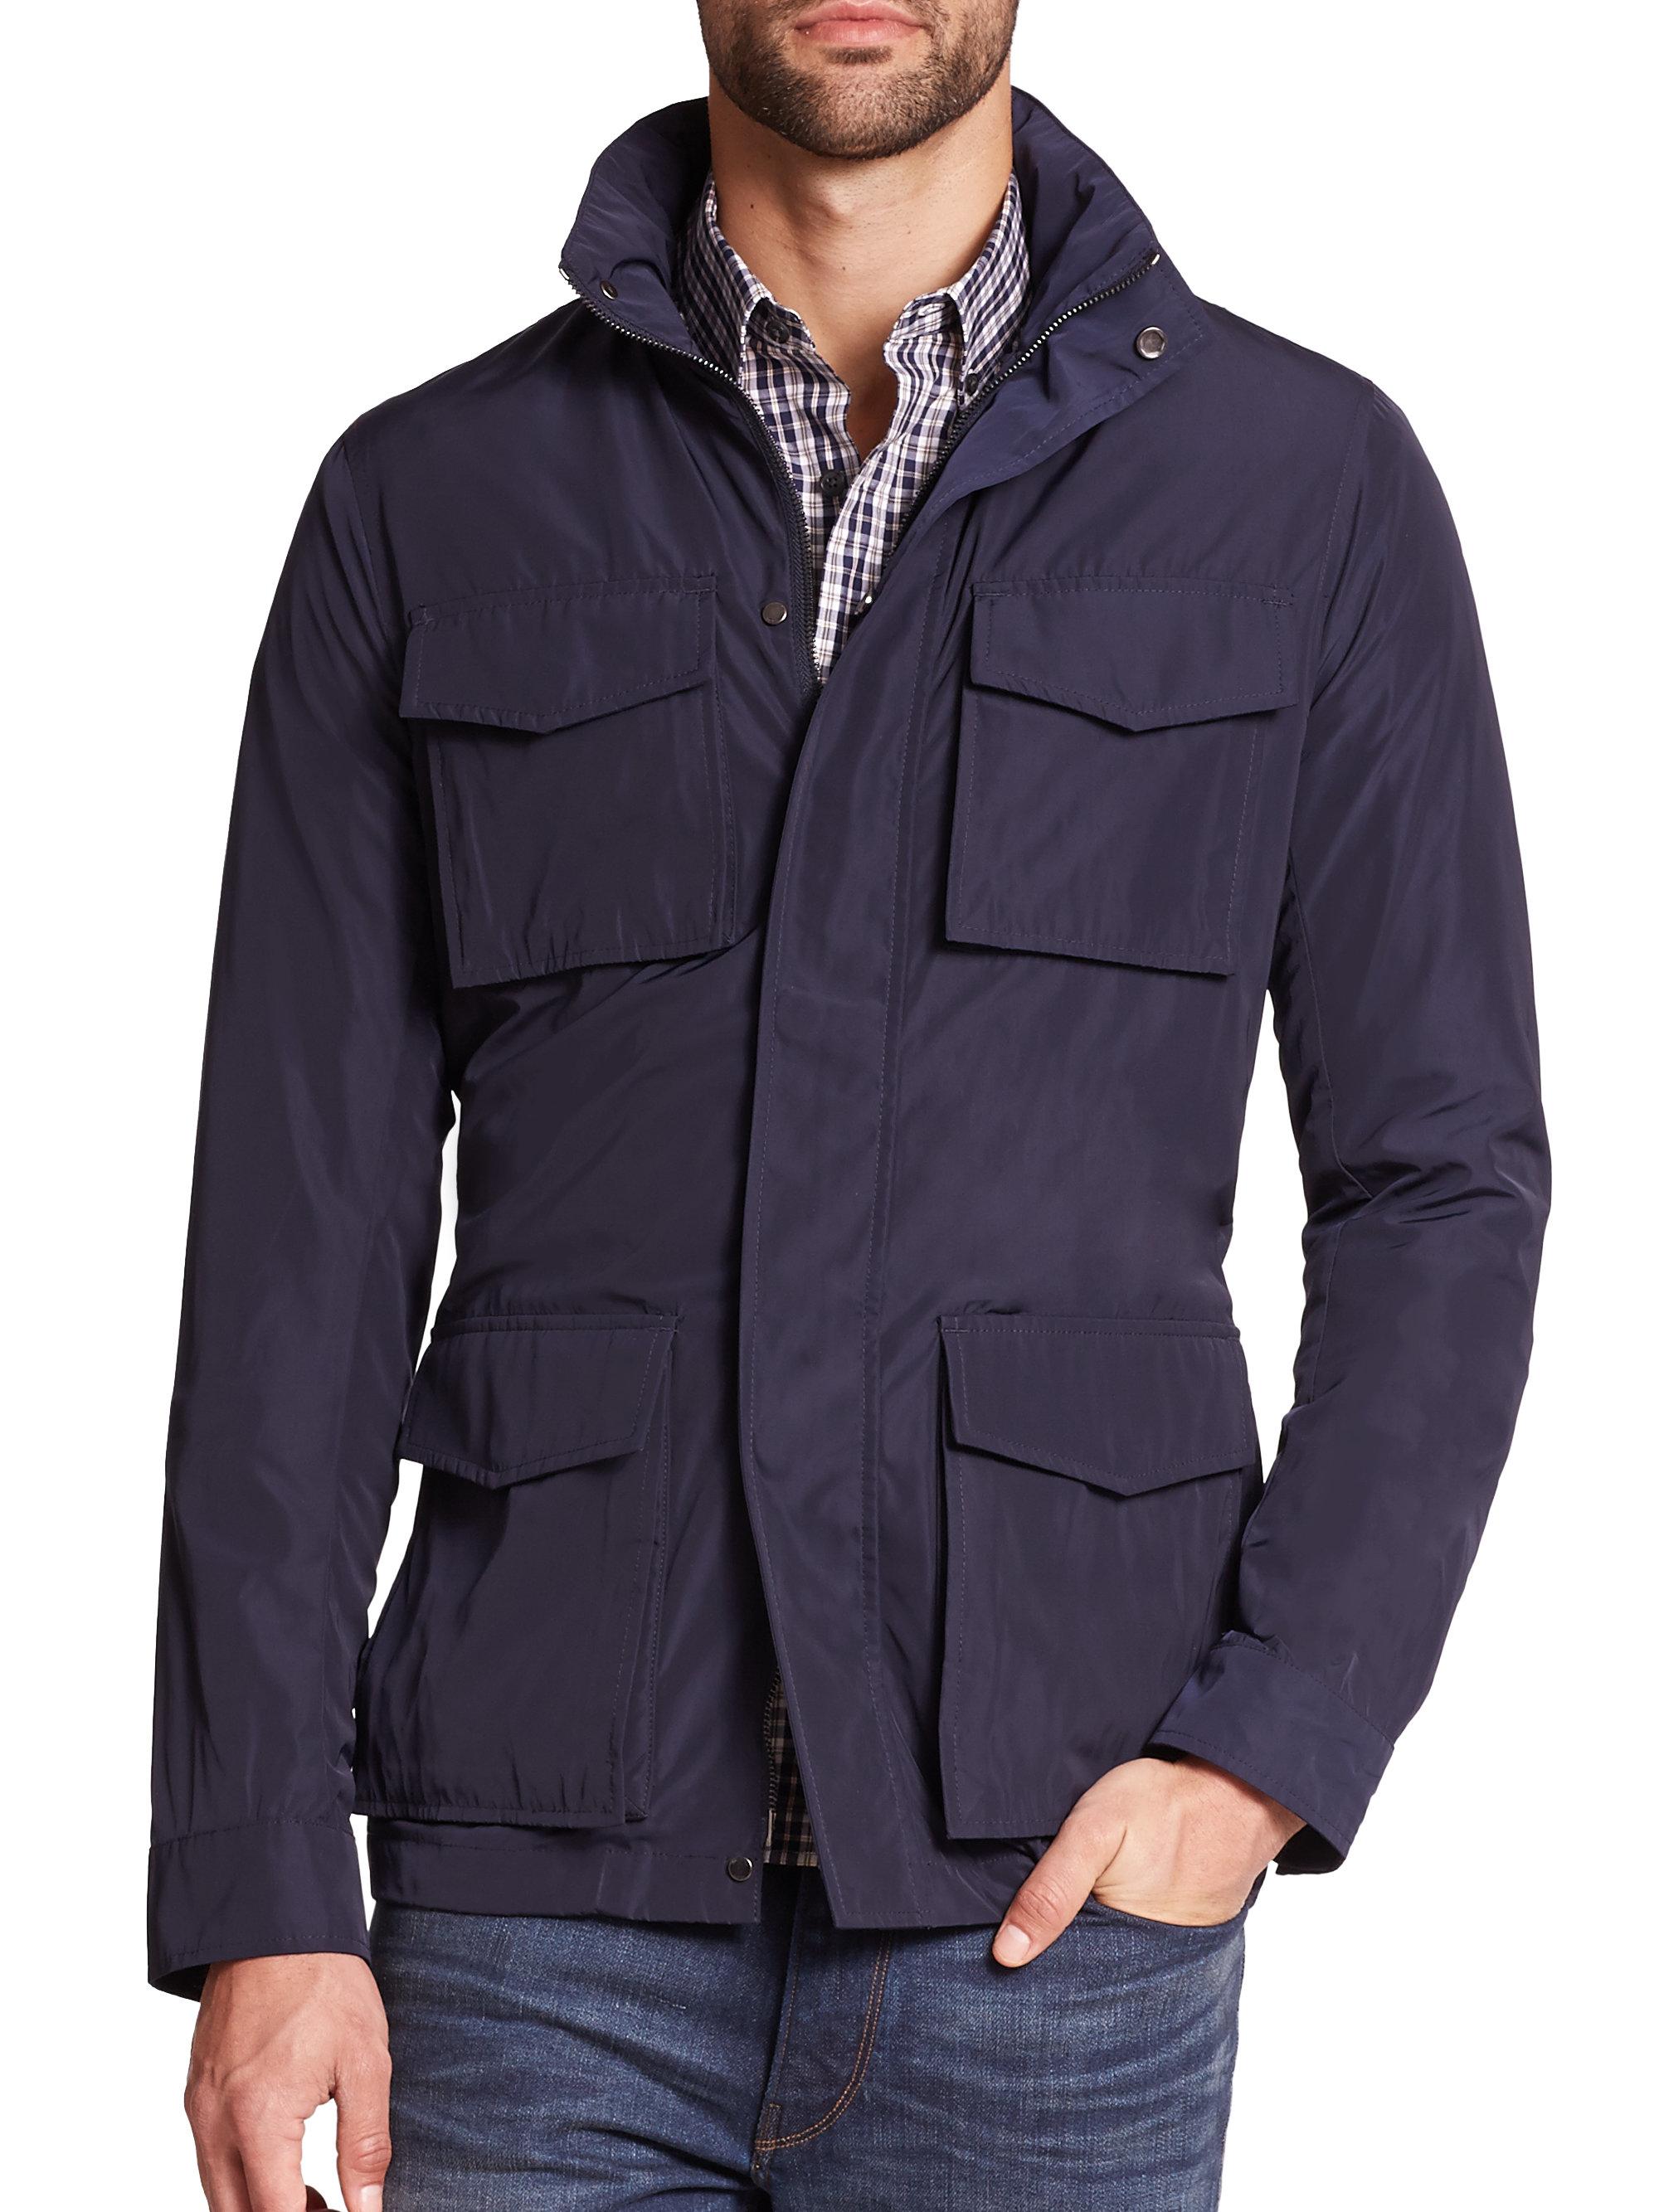 michael kors hooded utility jacket in blue for men lyst. Black Bedroom Furniture Sets. Home Design Ideas